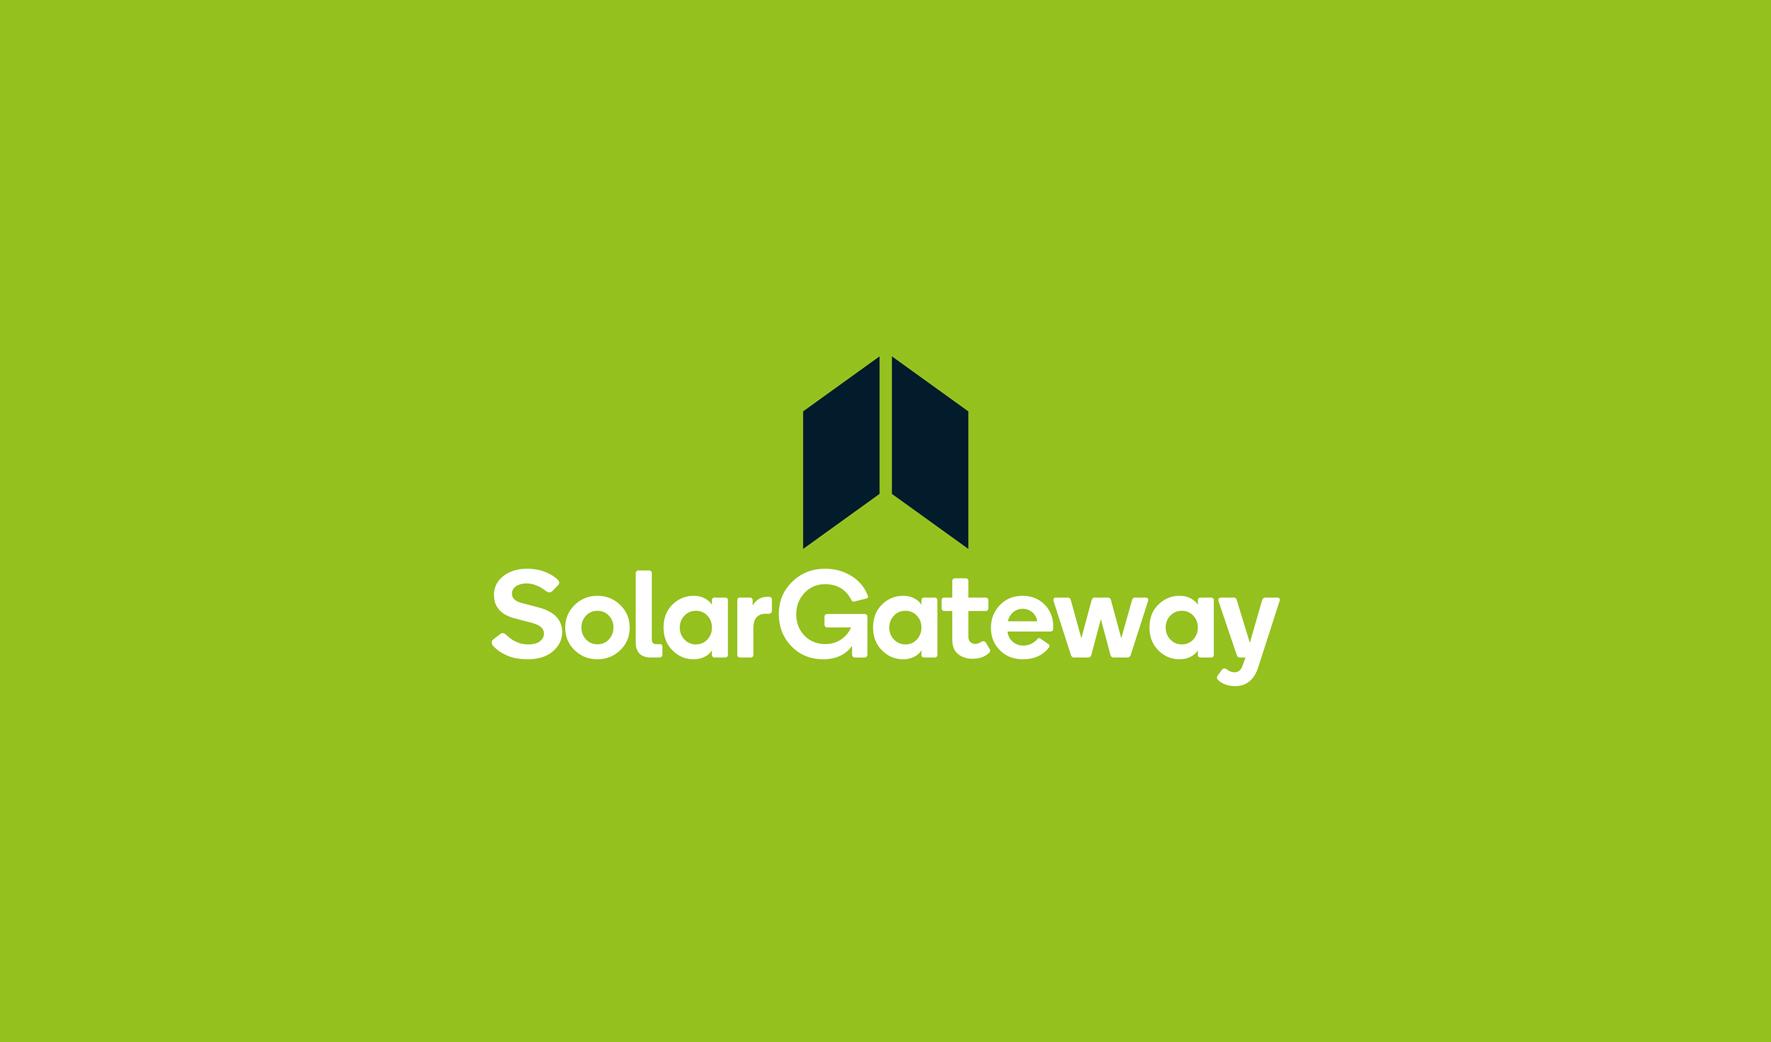 Solar Gateway